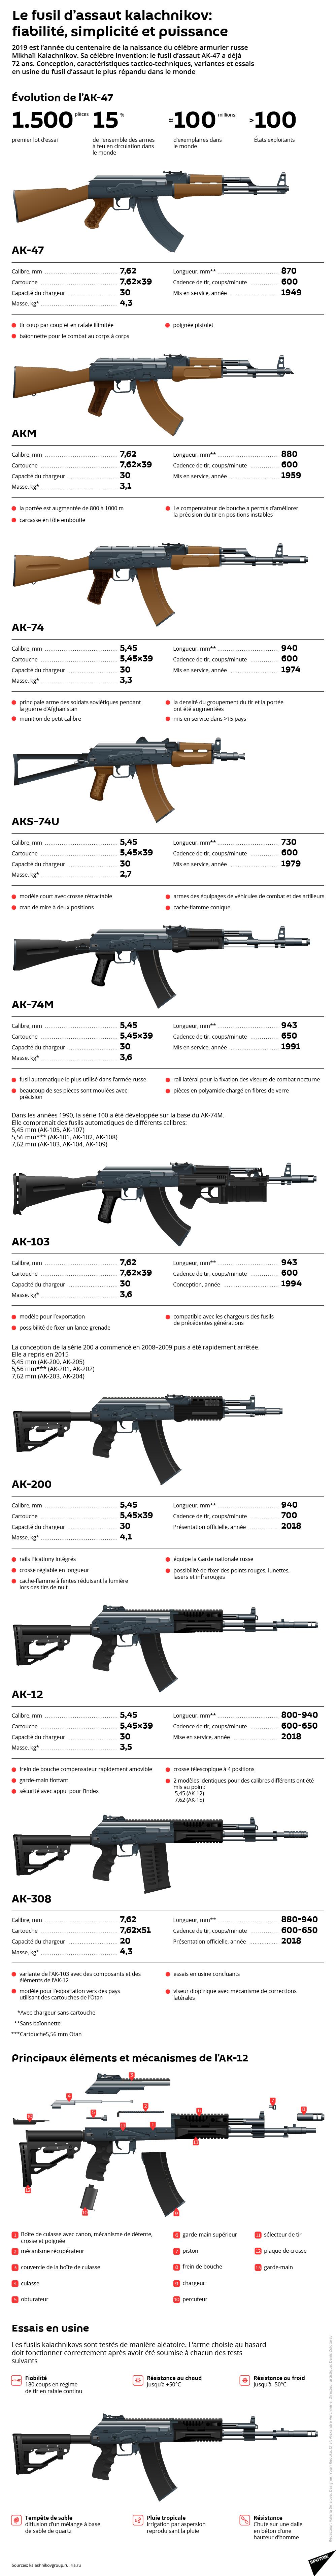 fusils d'assaut - Page 4 0ca1a11